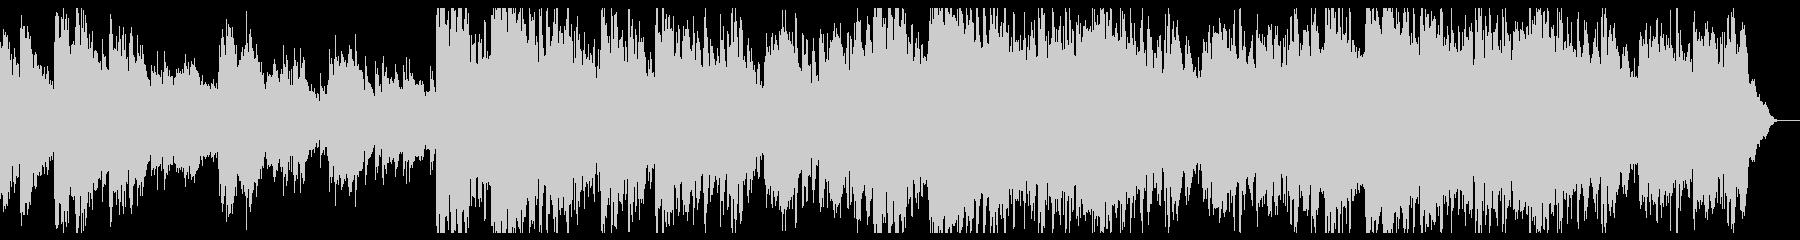 アルペジオギター、リズミカルなFX...の未再生の波形